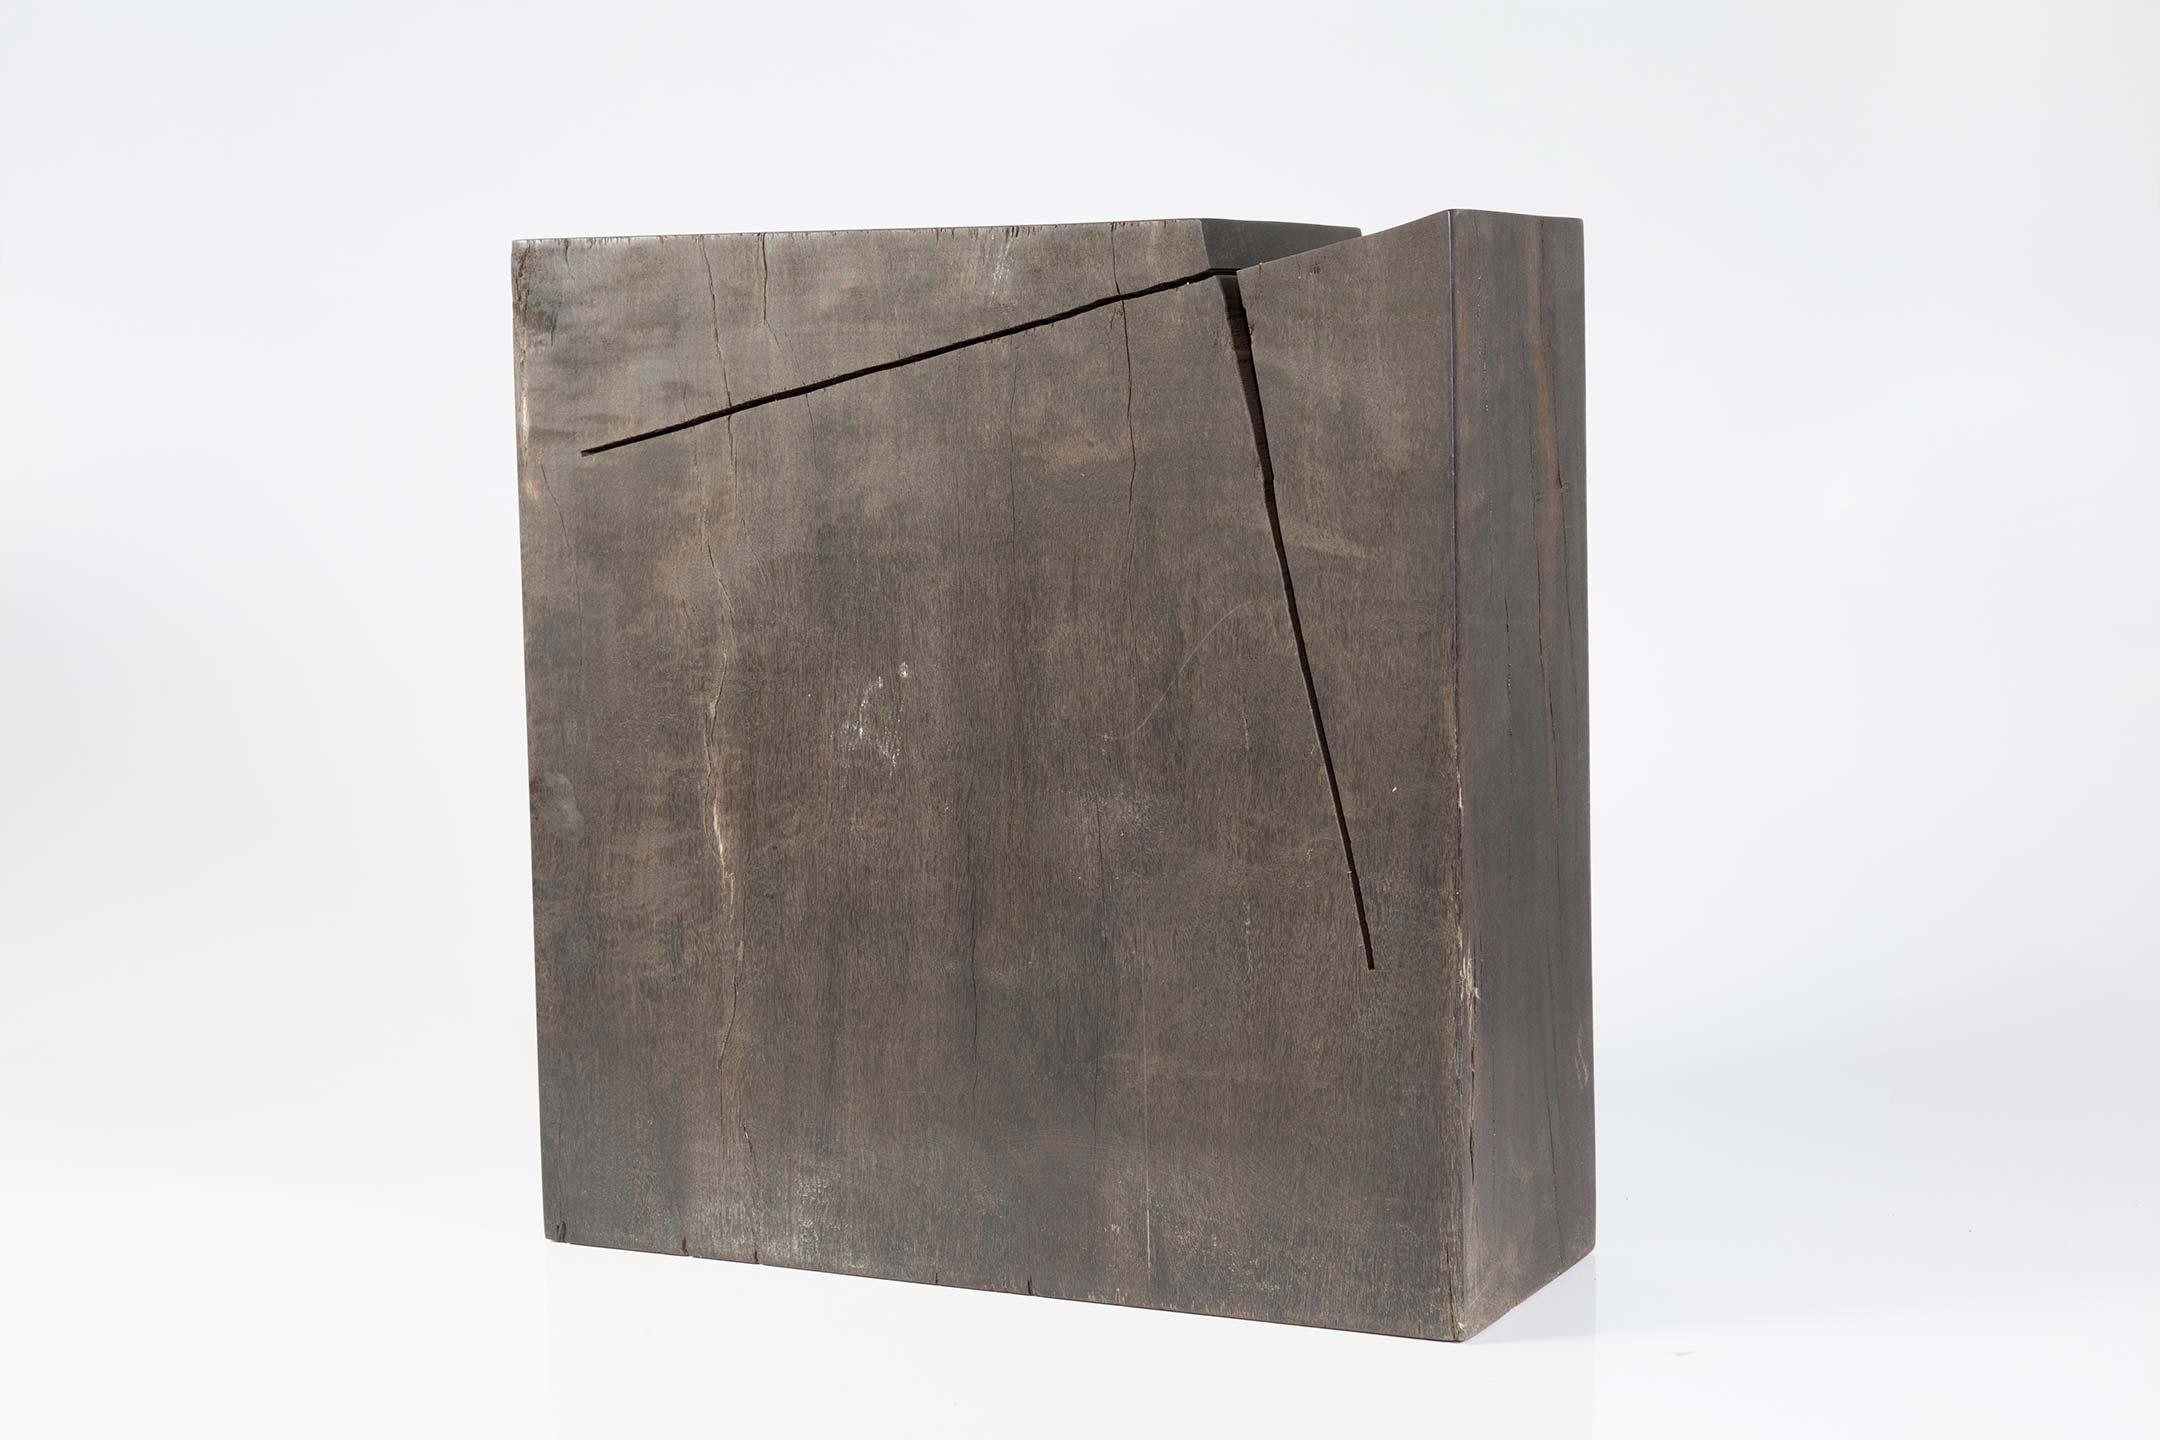 Amilcar de Castro, S/Título, madeira, 23 x 23 x 9,0 cm, década de 1980